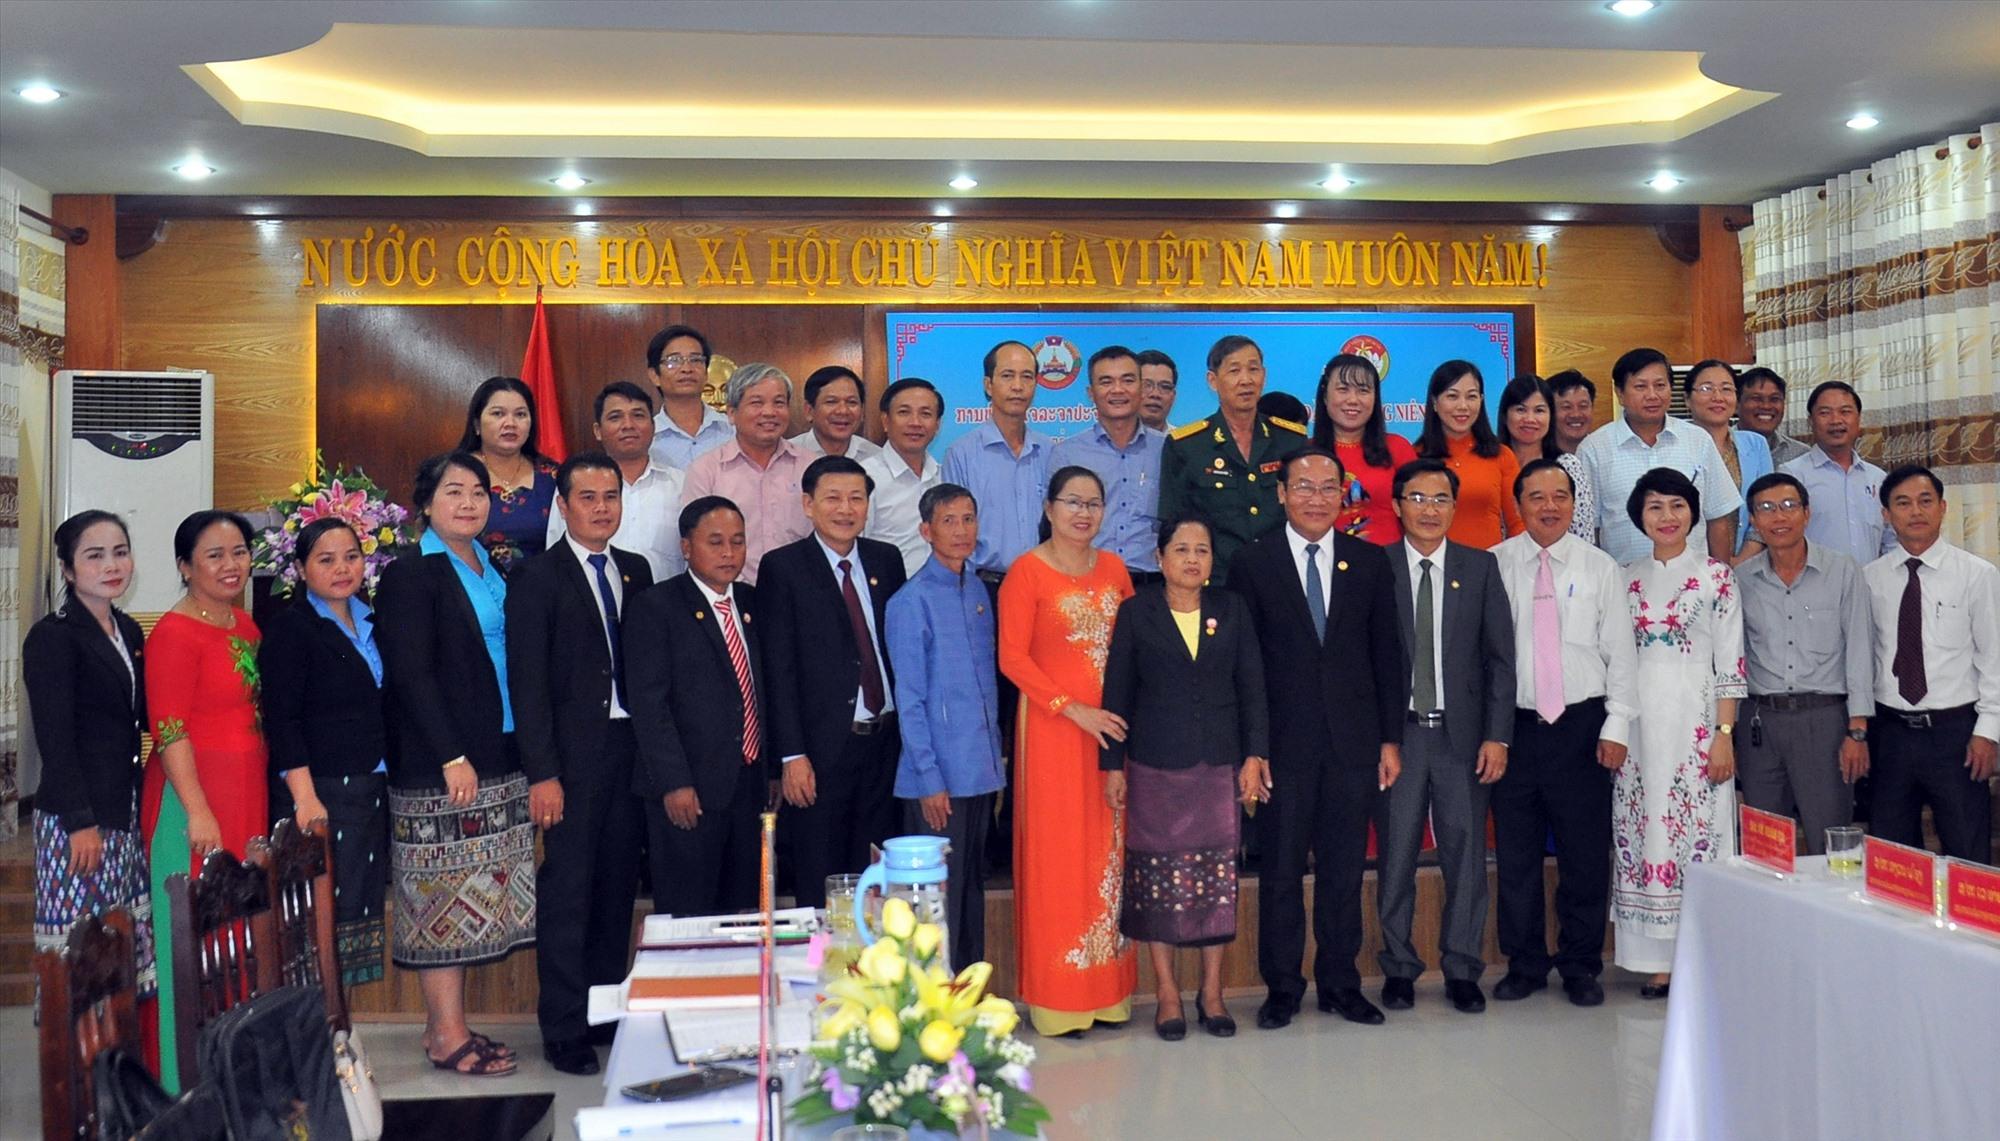 Ủy ban MTTQ Việt Nam tỉnh Quảng Nam và Ủy ban Mặt trận Lào xây dựng đất nước tỉnh Sê Kông chụp hình lưu niệm tại buổi hội đàm năm 2019. Ảnh: VINH ANH